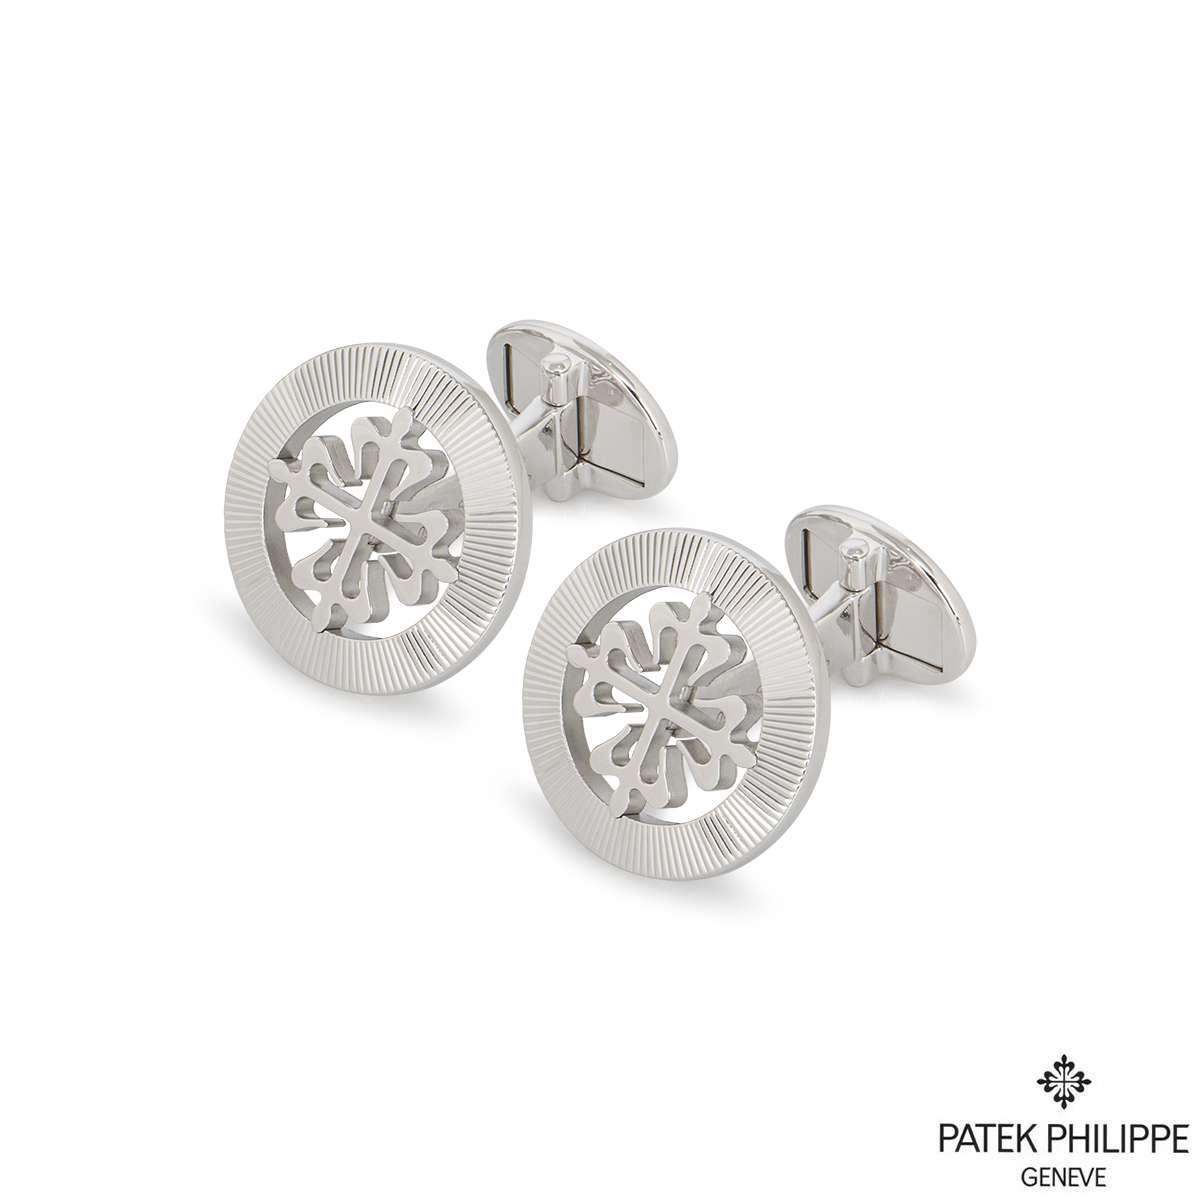 Patek Philippe White Gold Calatrava Cross Cufflinks 205.9089G-001